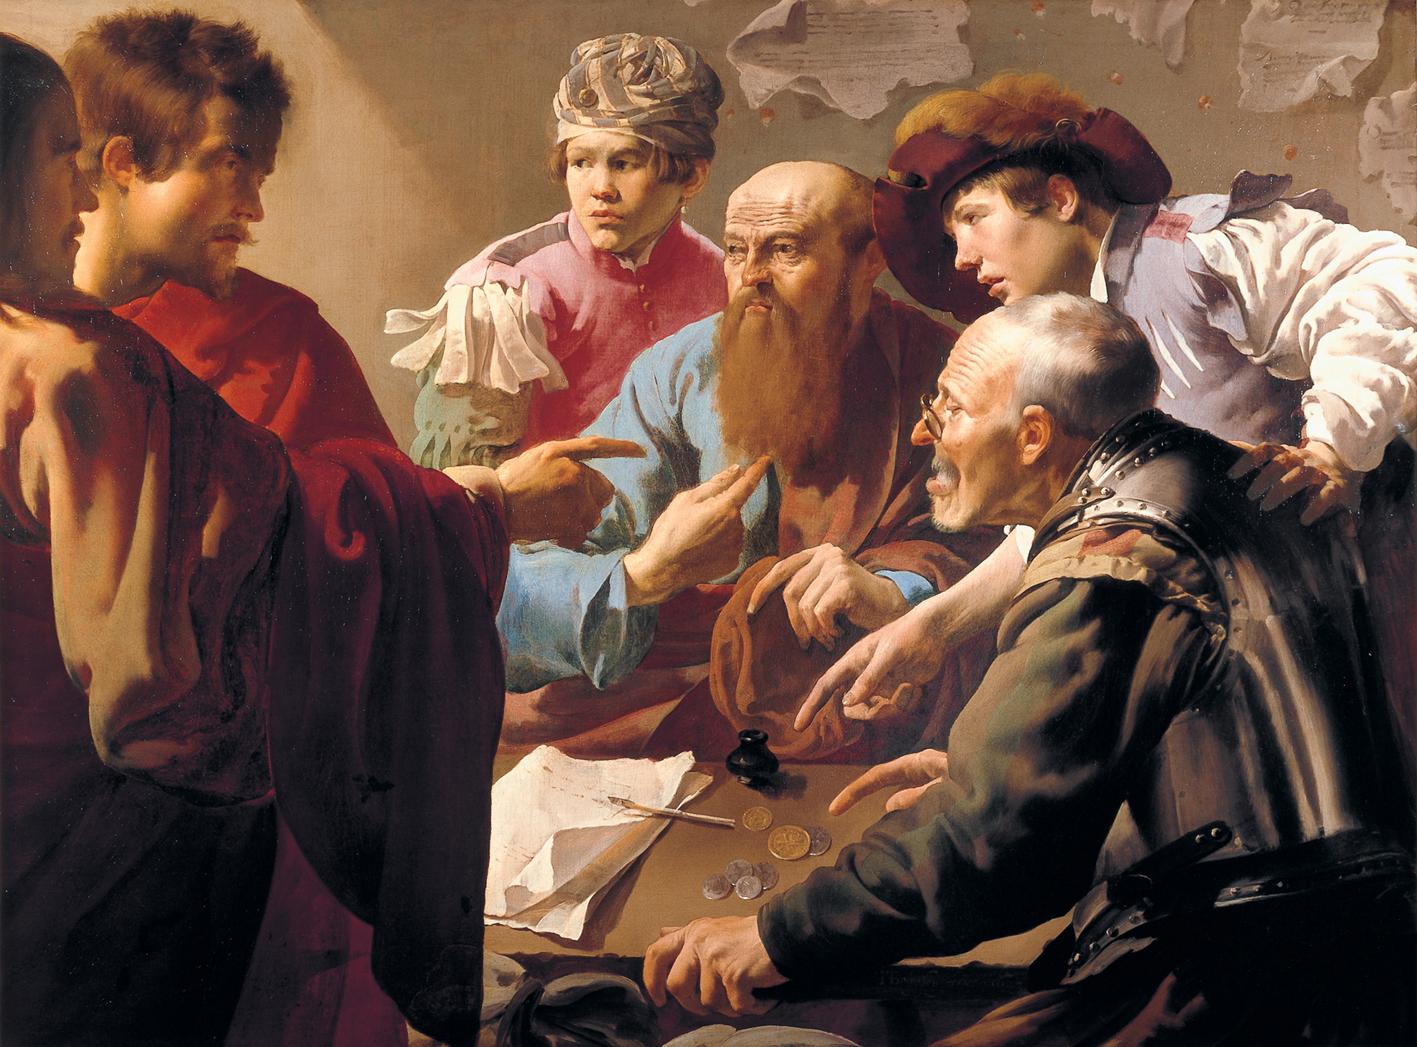 Brugghen,_Hendrick_ter_-_The_Calling_of_St._Matthew_-_1621